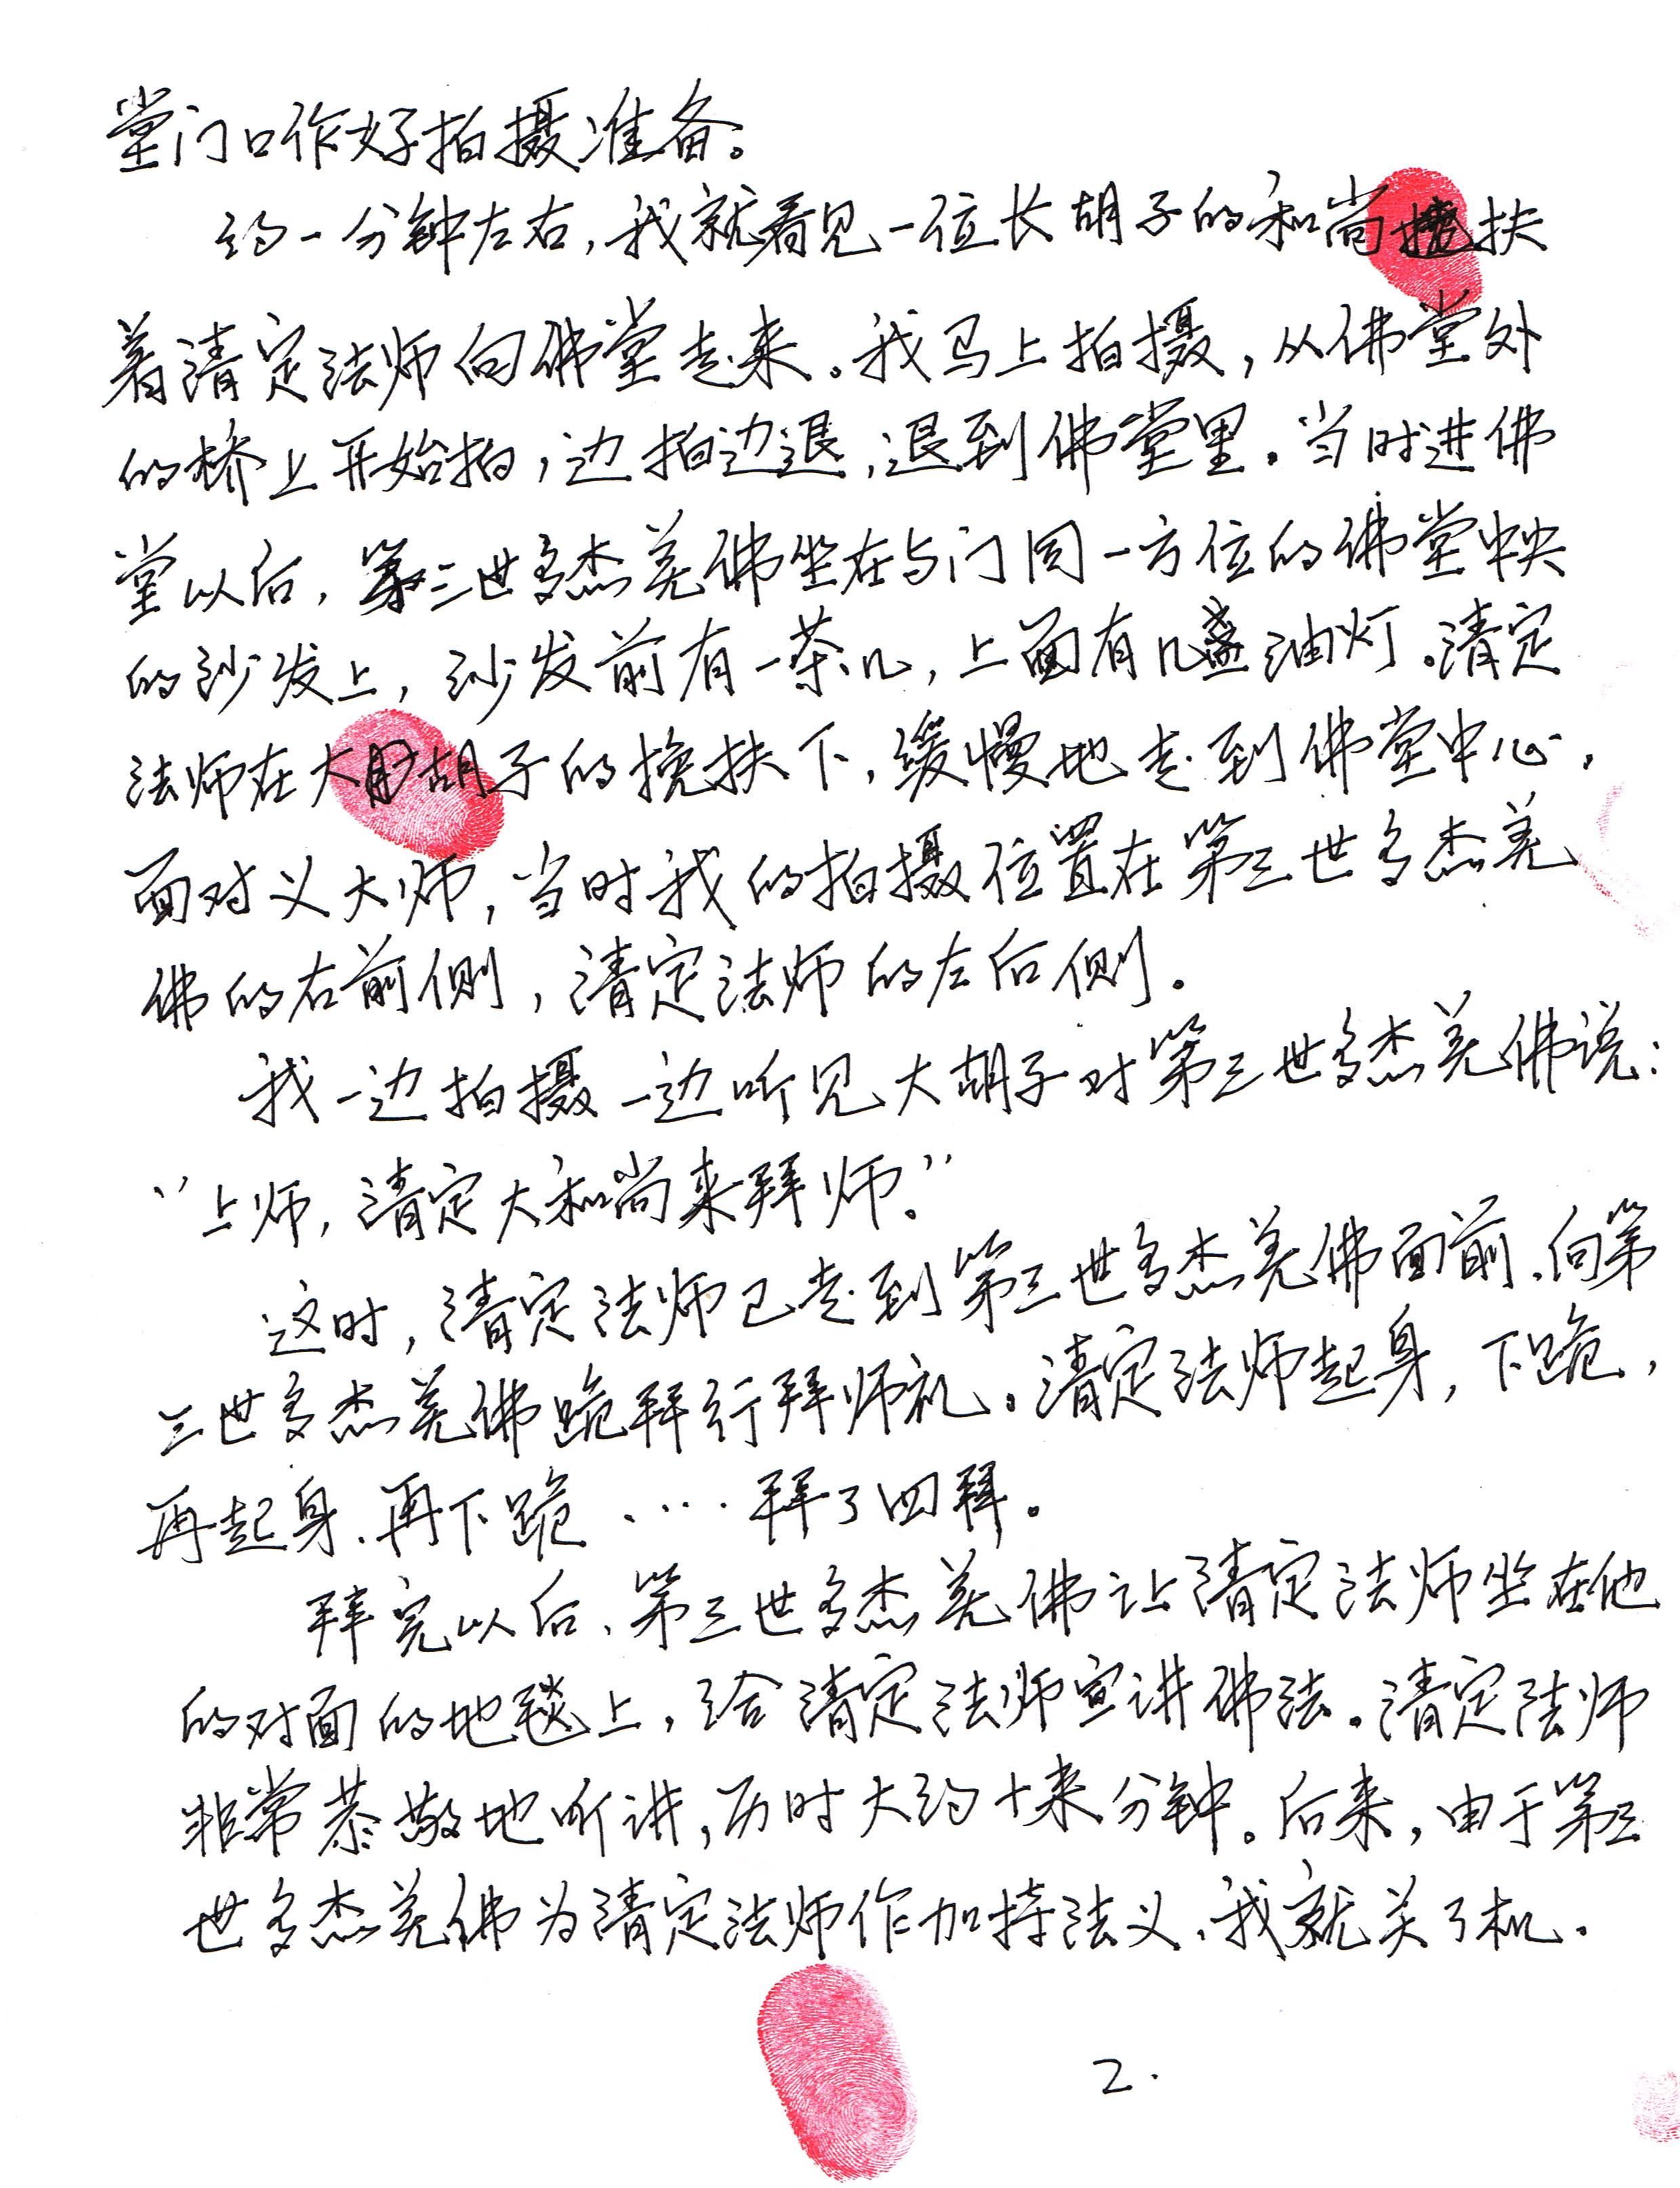 中国佛教第一高僧清定法师拜南无第三世多杰羌佛为师 第6张